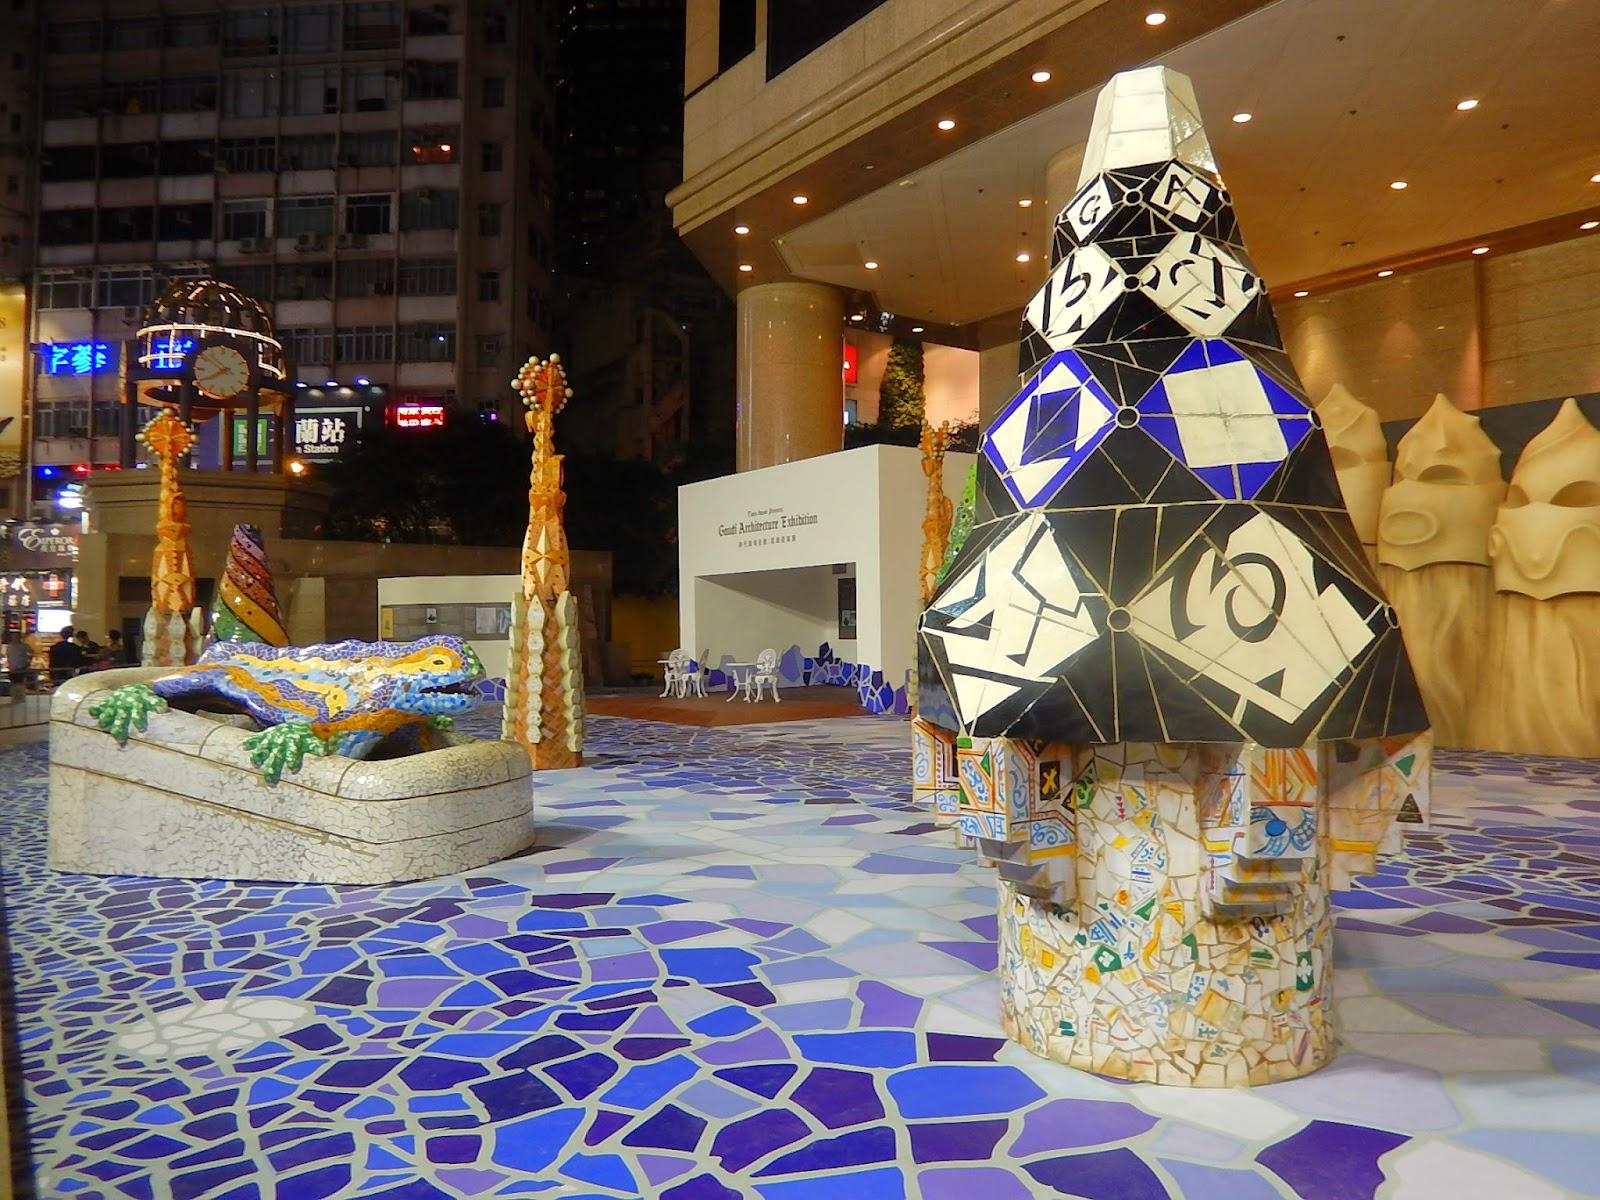 >> 延續歐遊*WeShare.hk x 時代廣場「高廸建築展」開幕典禮